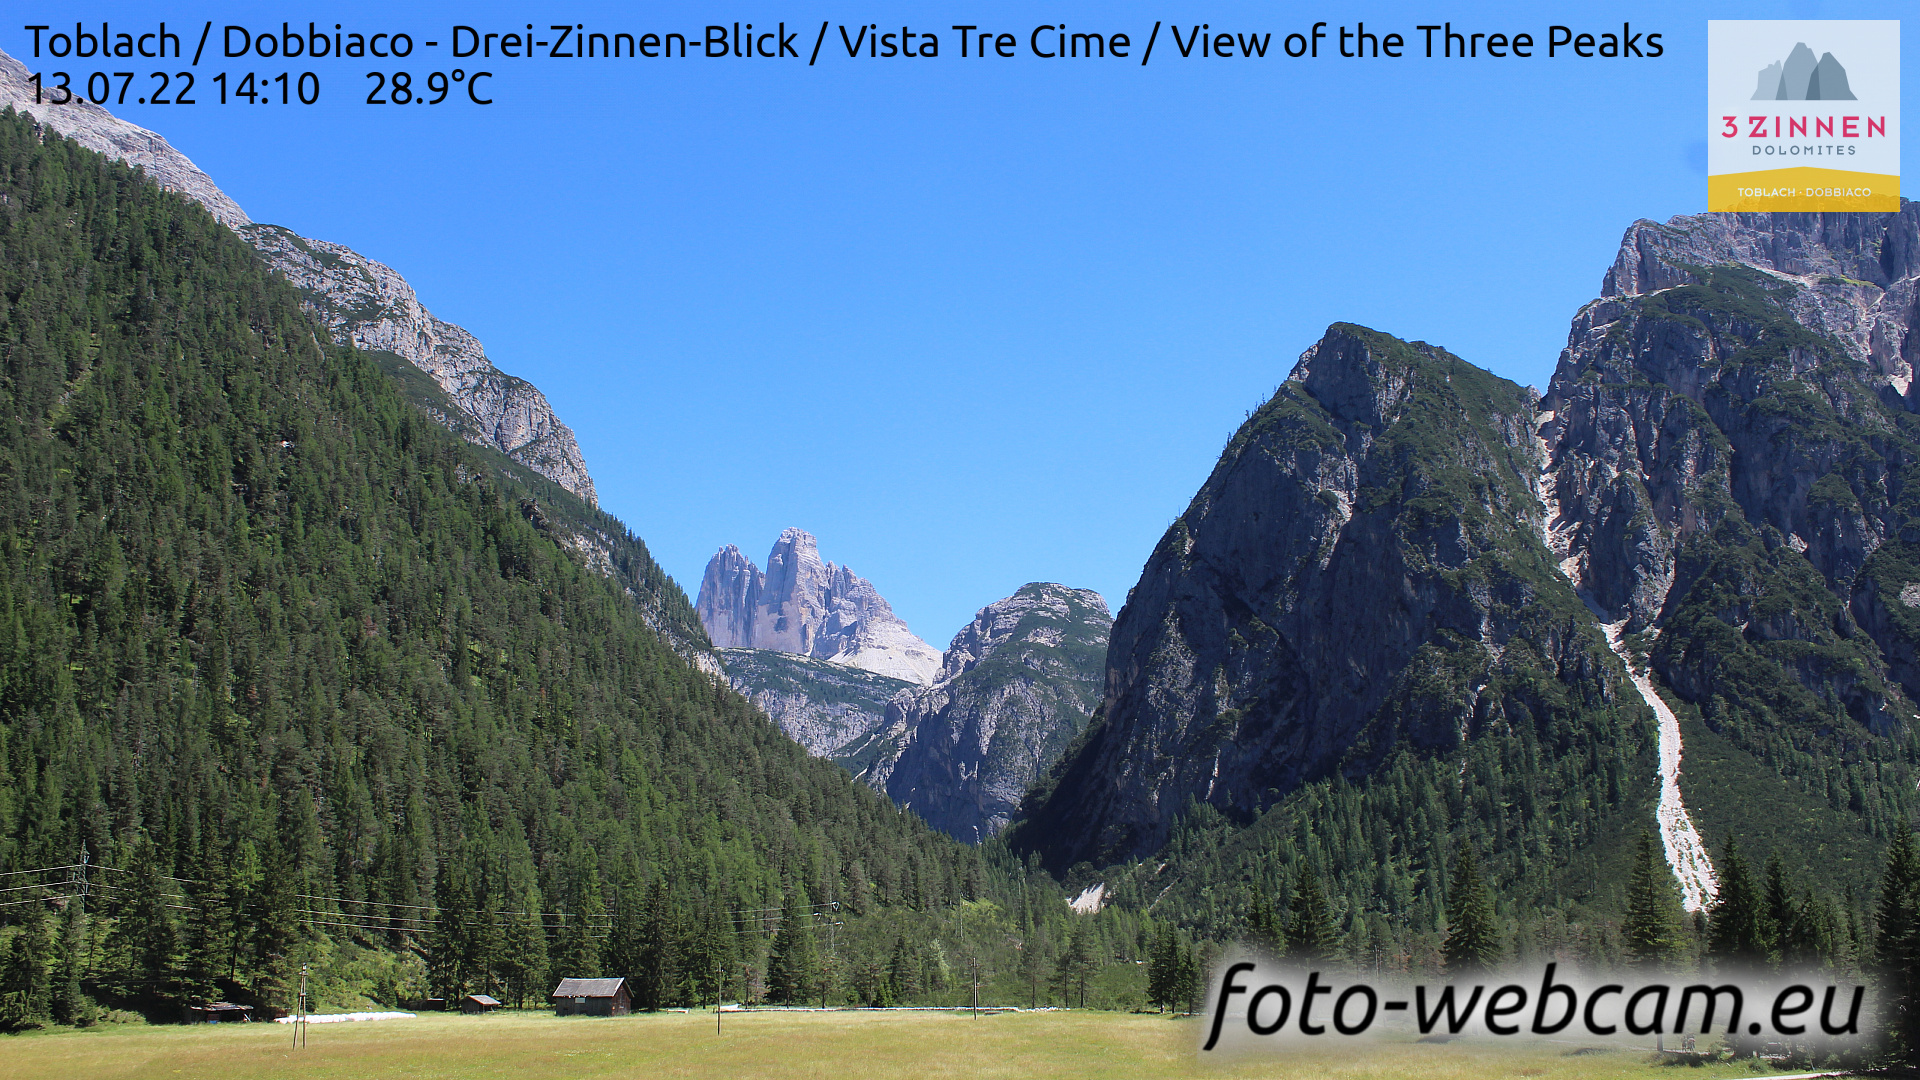 Toblach (Dolomites) Mon. 14:27